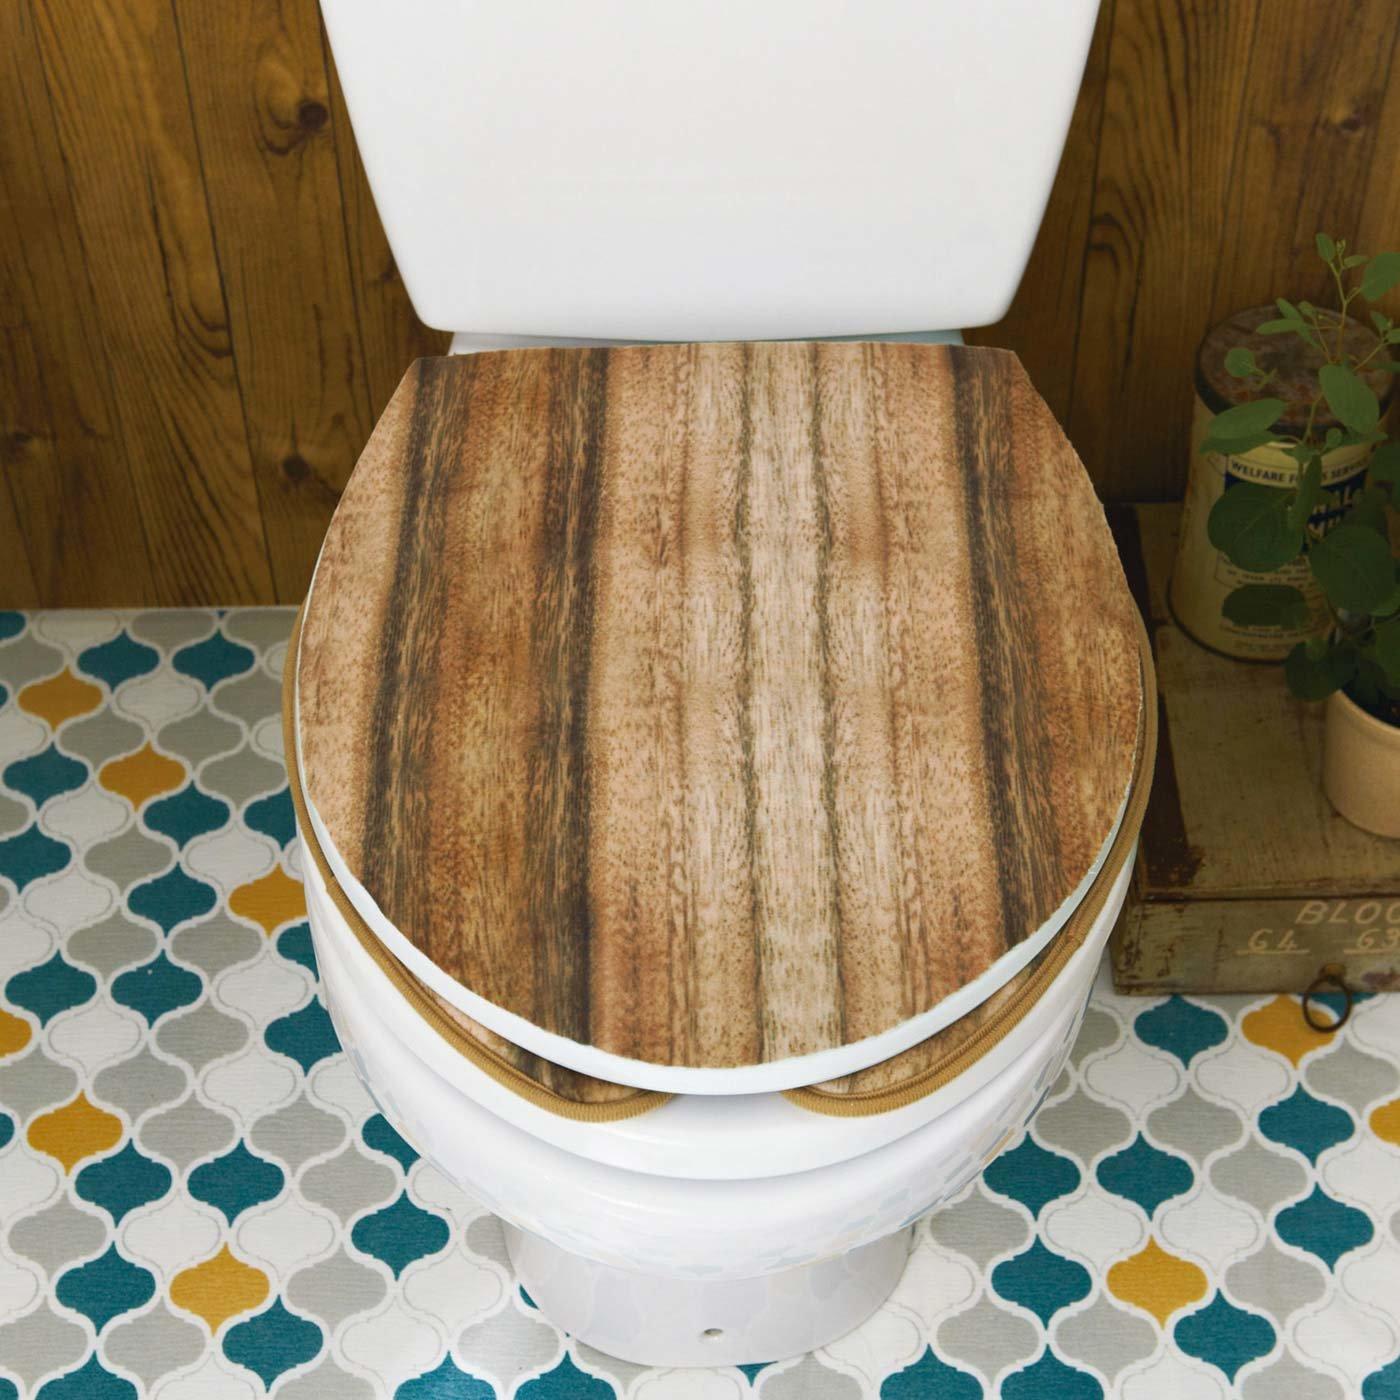 貼るだけで簡単リメイク カットできるトイレふたカバー〈木目柄〉の会